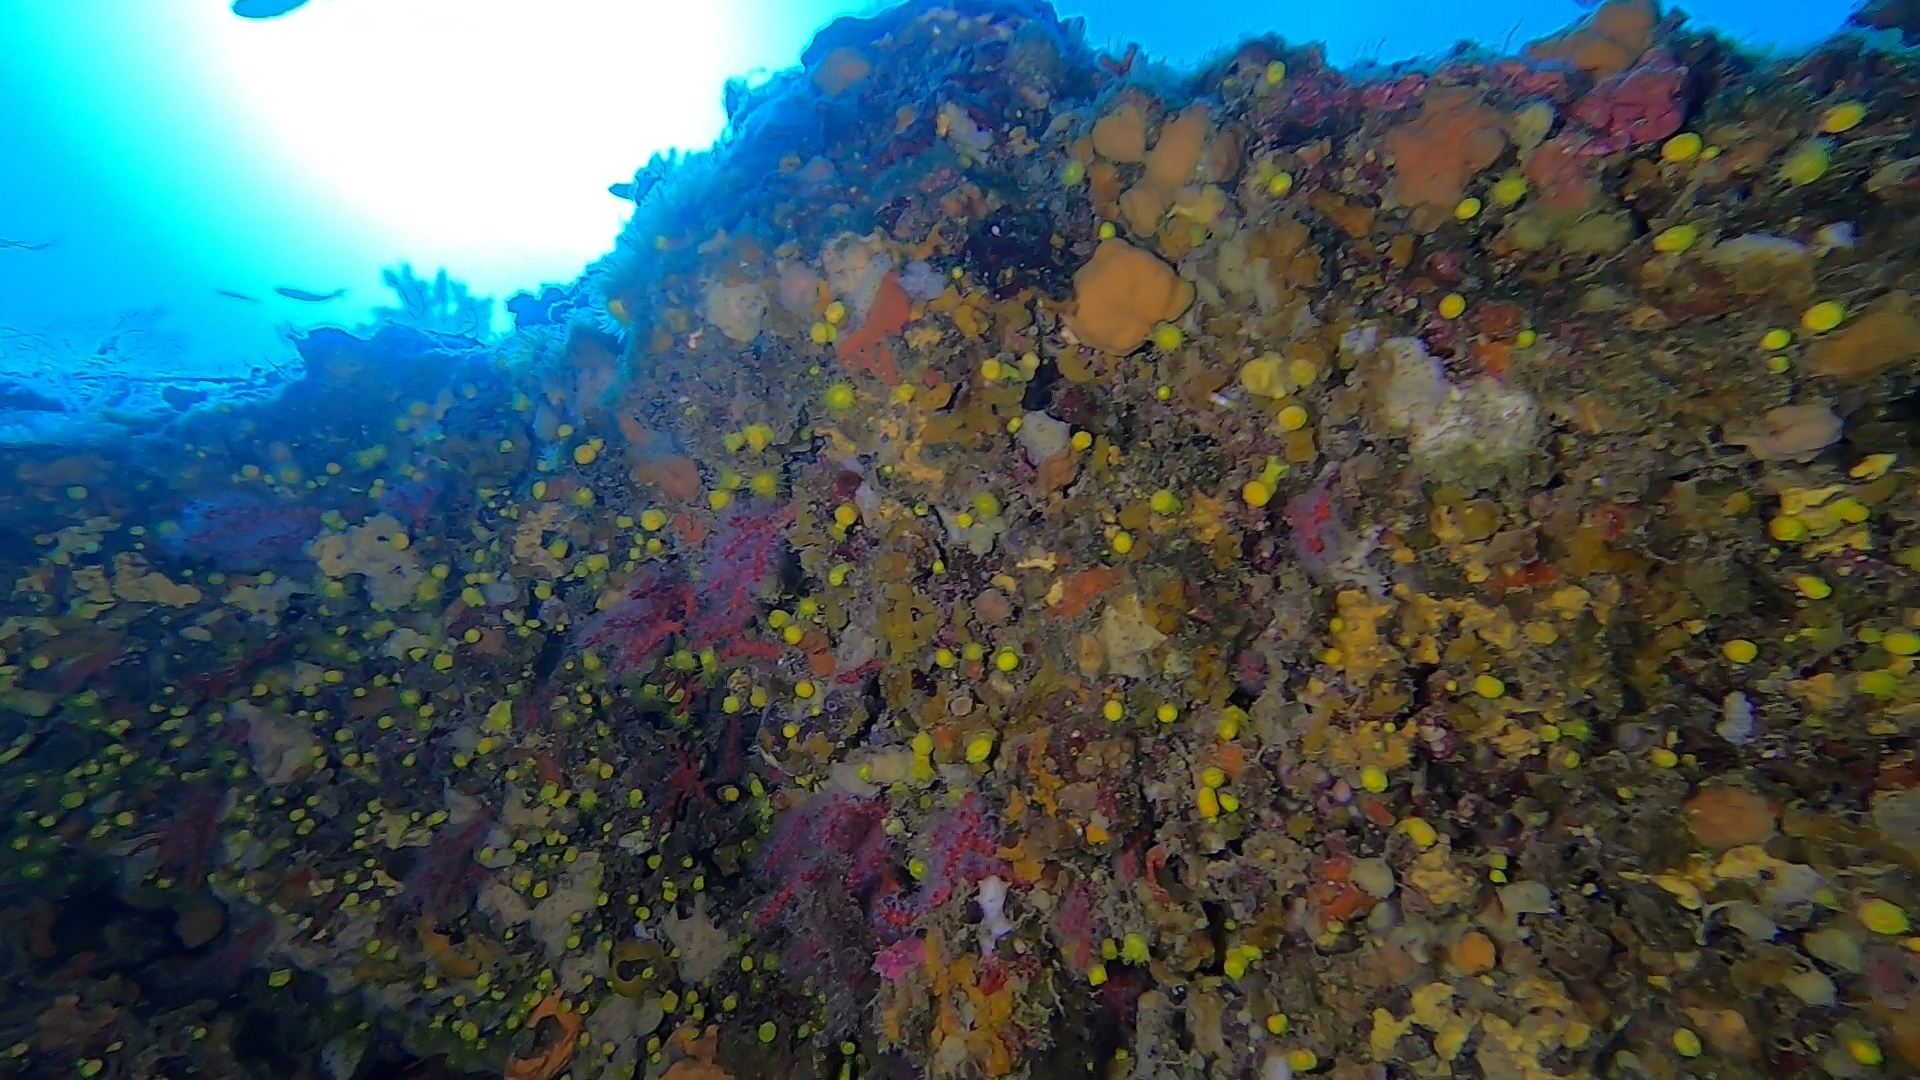 Bellissima parete di Corallo rosso - Wonderful red coral wall - intotheblue.it